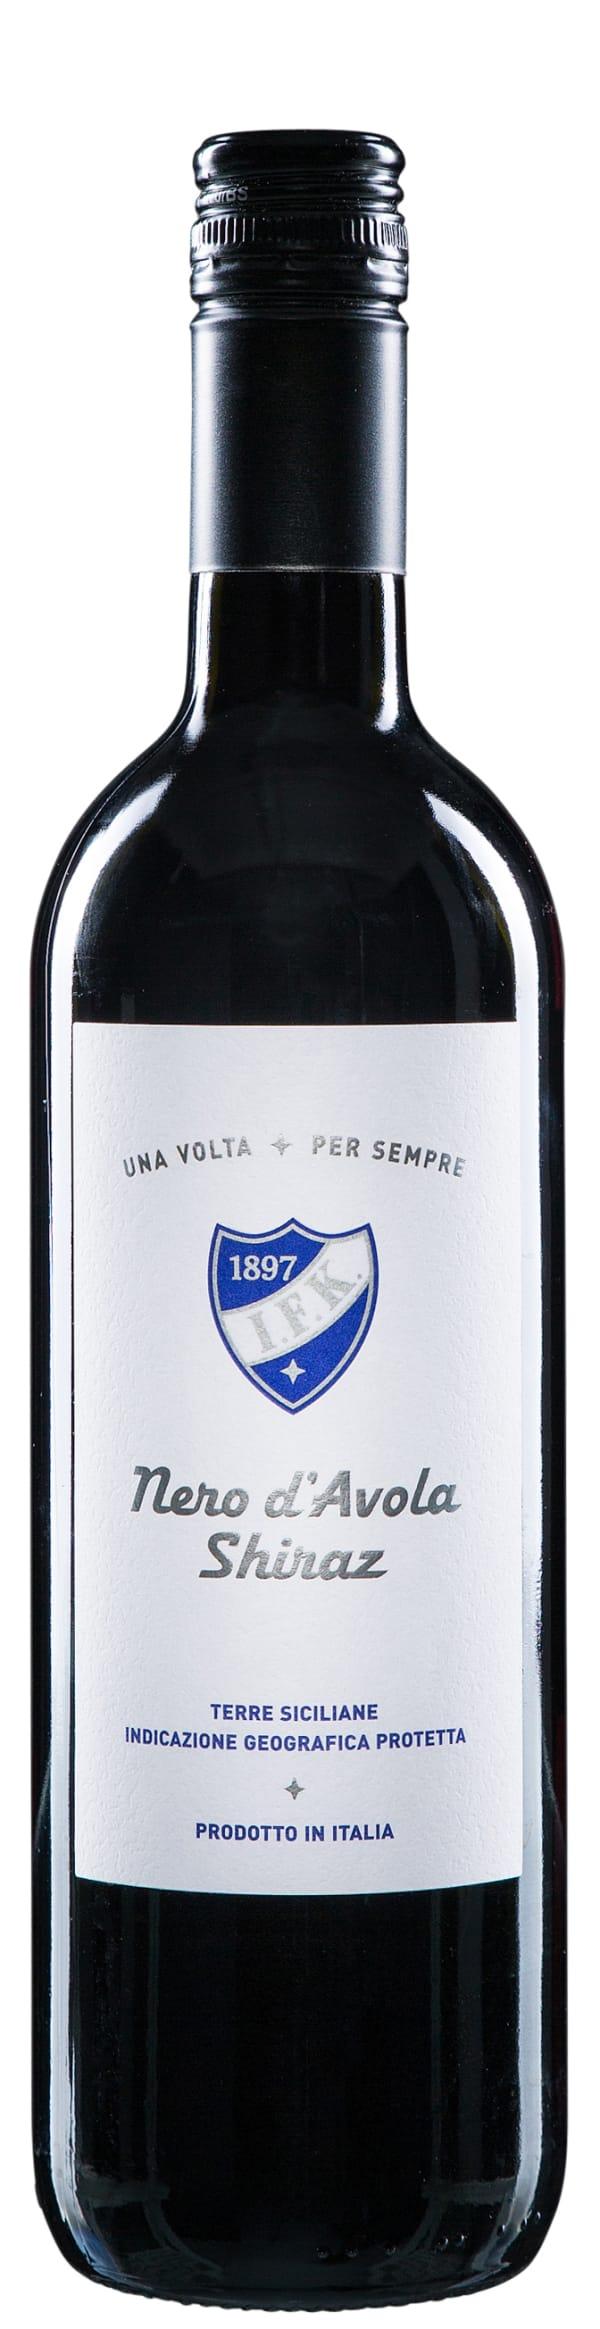 IFK Nero d'Avola Shiraz 2015